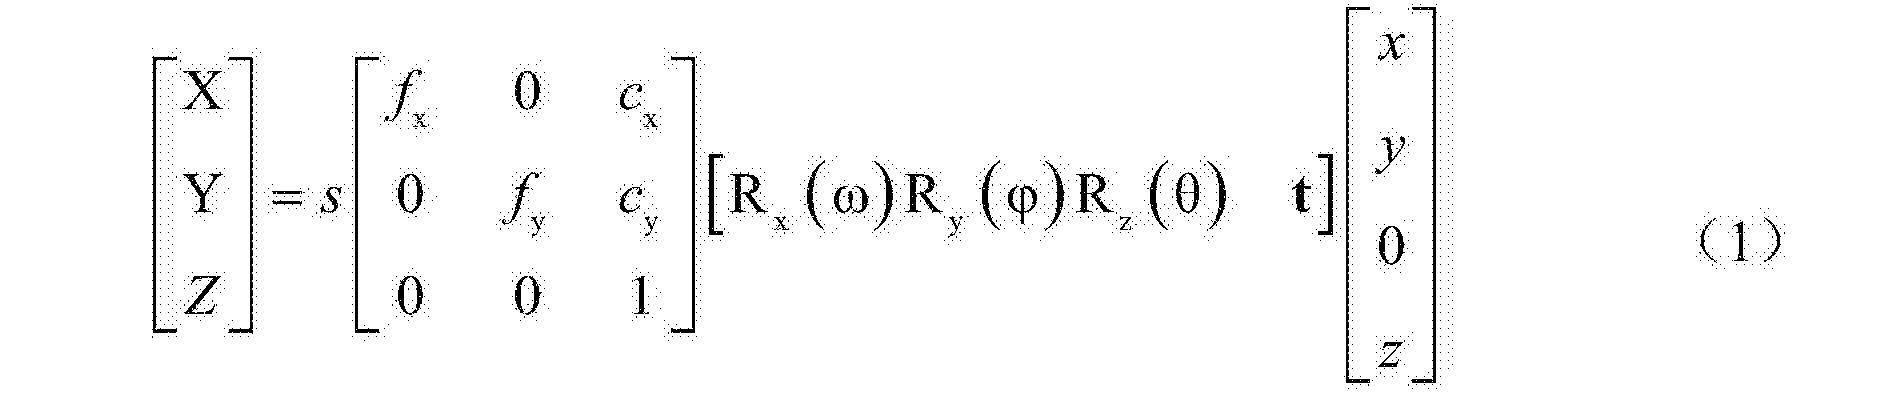 Figure CN104506828BC00021